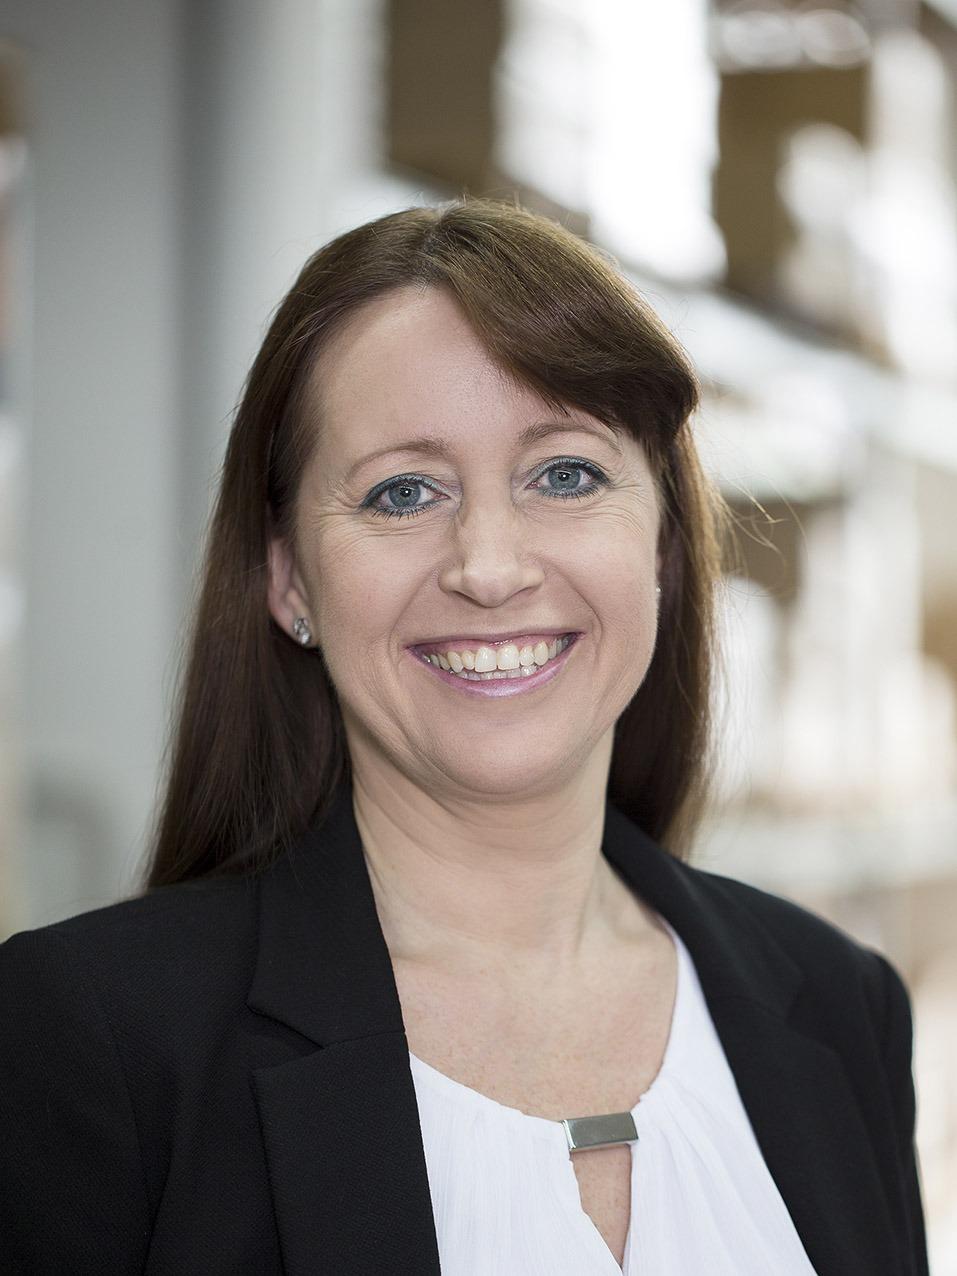 Erna Plchot-Schauhuber